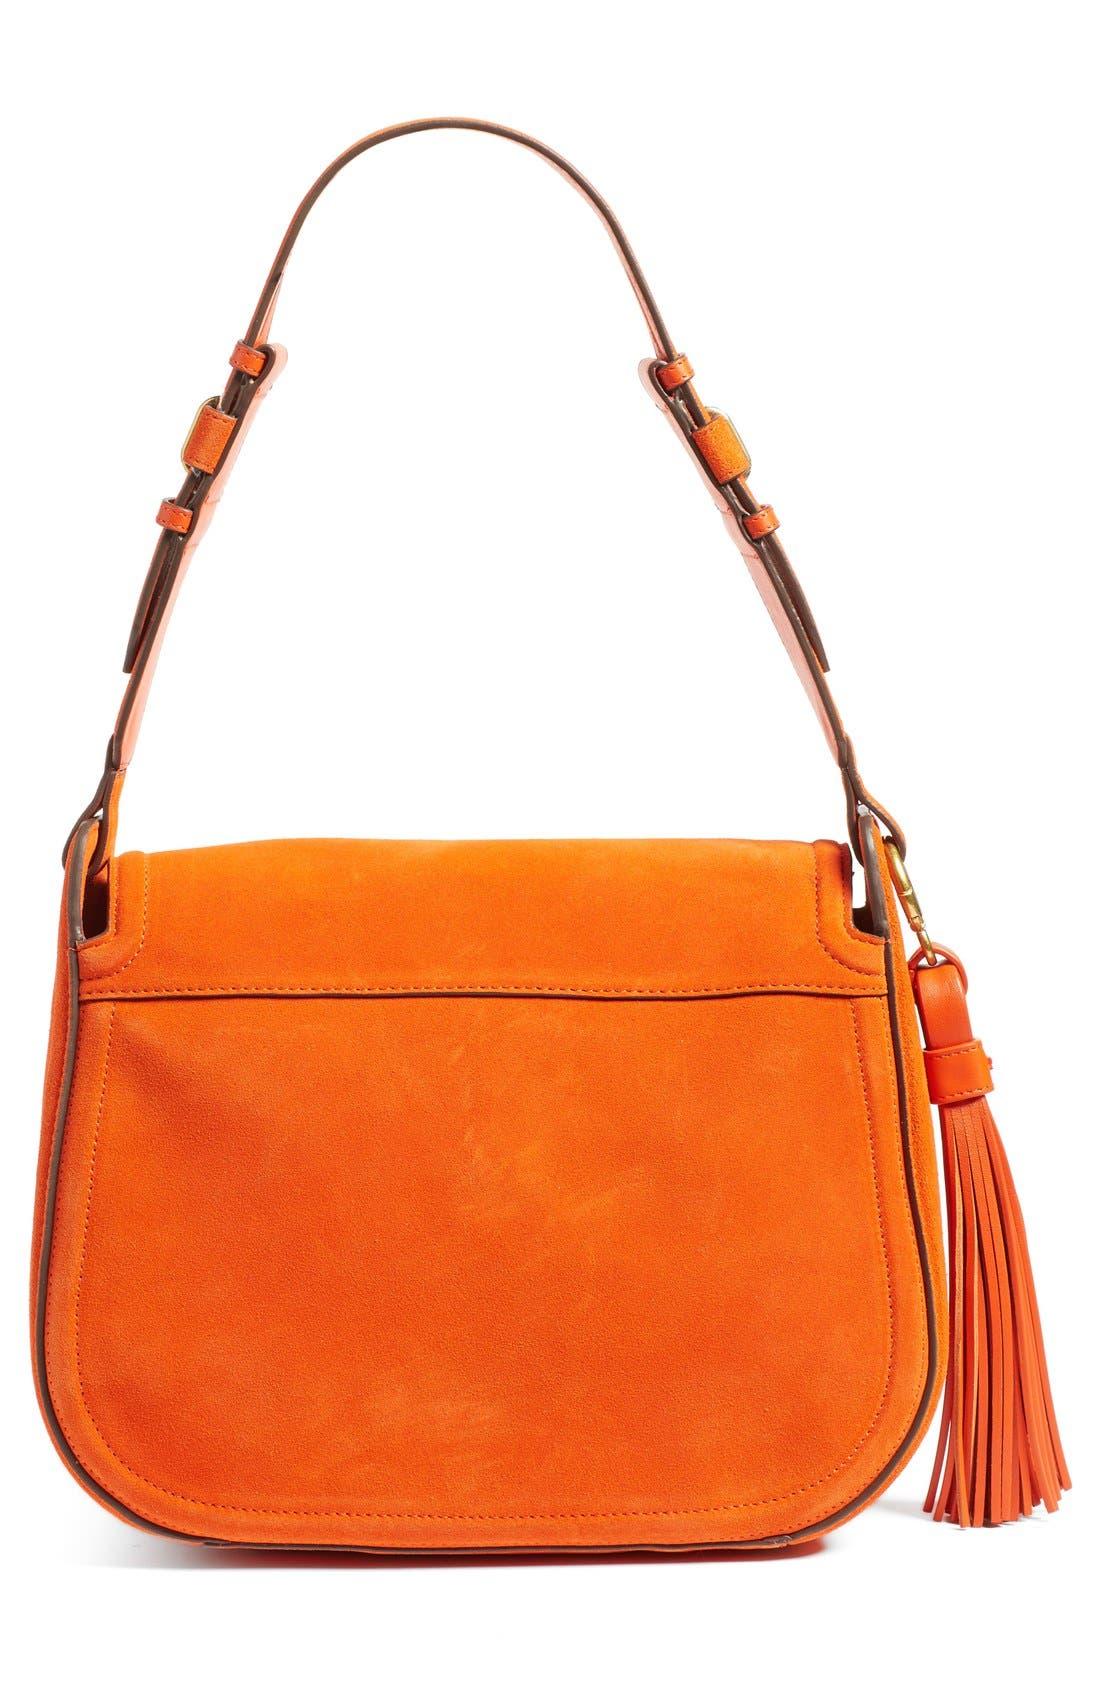 Alternate Image 3  - Tory Burch Leather Shoulder Bag